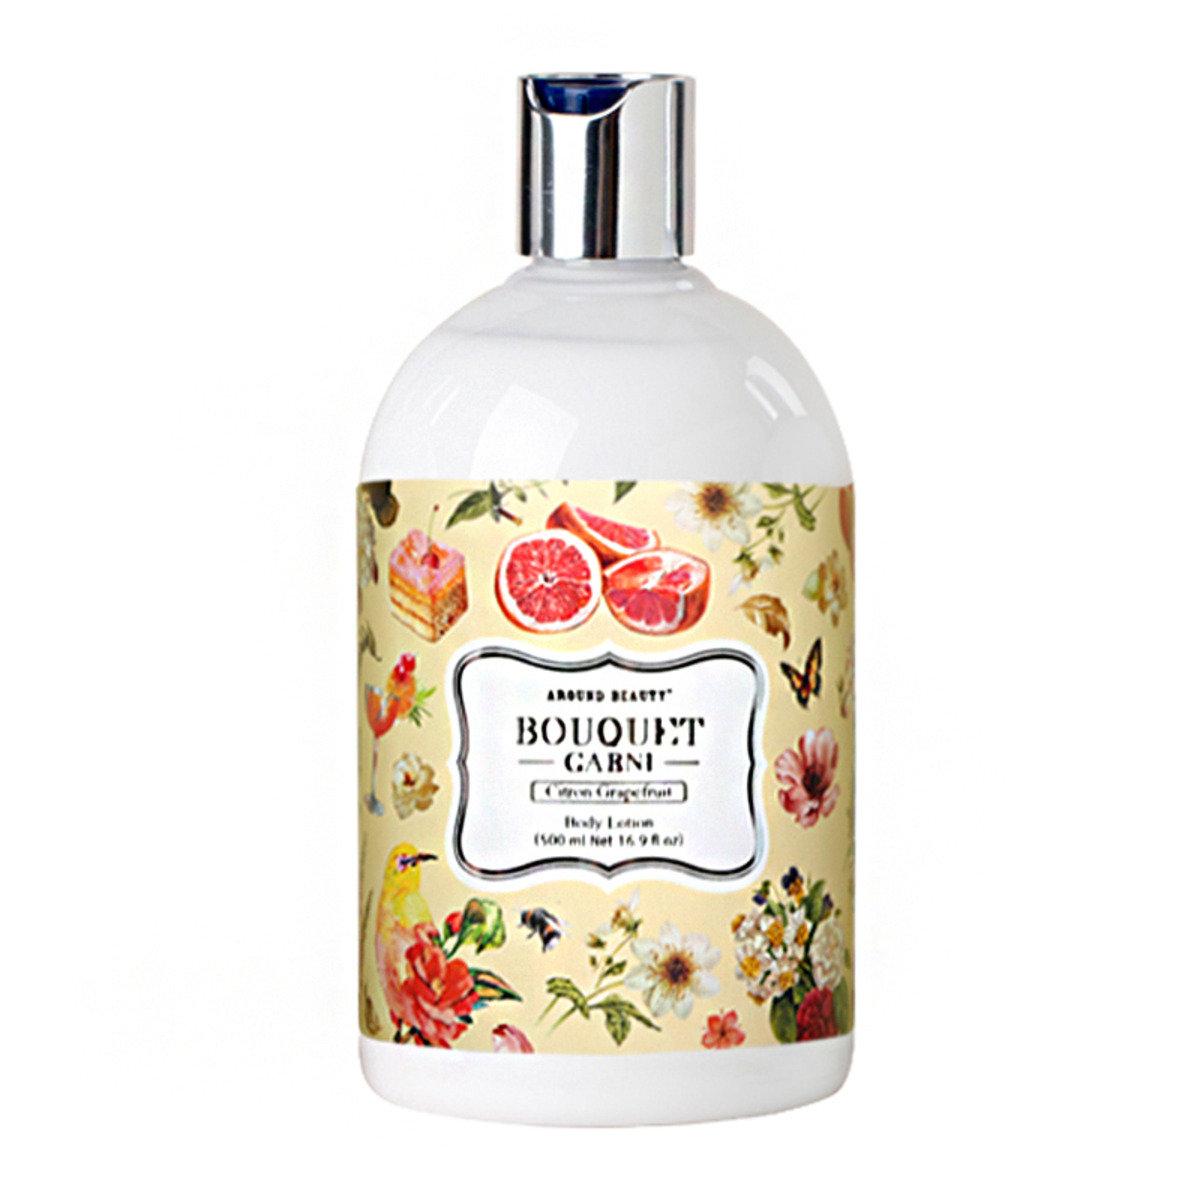 香氛身體乳液 Citron Grapefruit 500ml